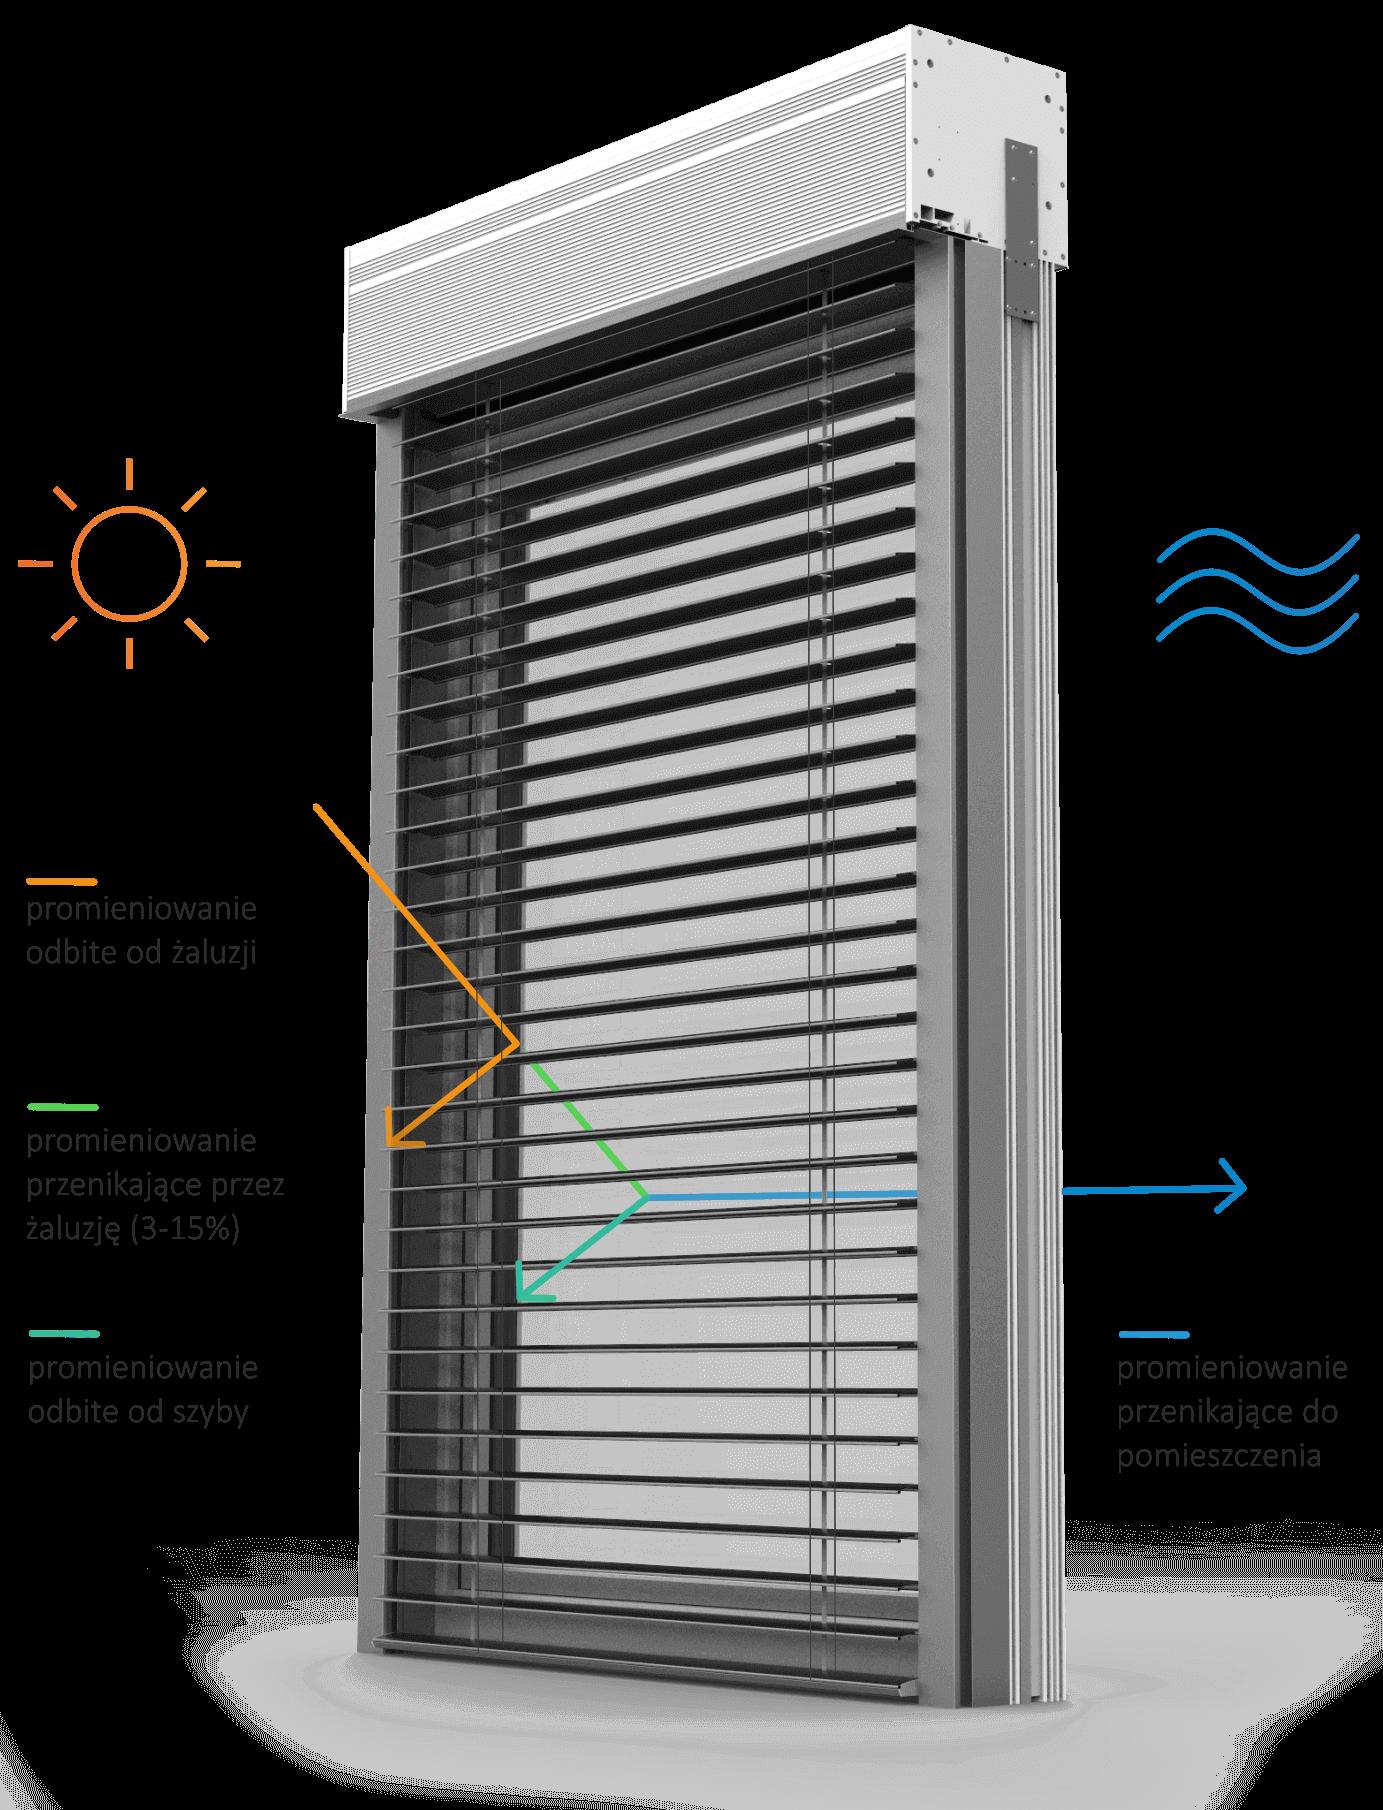 """Nowoczesna żaluzja fasadowa w nadstawnym systemie CleverBox, montowana na ramę okna, z rewizją serwisową umieszczoną od przodu. Grafika przedstawia przepuszczalność energii słonecznej i światła przez żaluzje zewnętrzne. Promienie słoneczne odbijają się od aluminiowych profili lameli żaluzji fasadowych chroniąc przed przenikaniem do wnętrza pomieszczeń. Przy pełnym zamknięciu lameli od 3 do 15% promieni słonecznych przenika do pomieszczenia, dając przyjemne zaciemnienie oraz chłód. Fasadowe żaluzje pokryte są powłoką lakierniczą w kolorze srebrnym. Zestaw wyposażony jest w prowadnice żaluzji wykonane z tworzywa wysokiej jakości. Na grafice przedstawione są lamele w kształcie litery """"C"""" o szerokości 80 mm, z regulacją kąta nachylenia w zakresie 180 stopni. Żaluzje fasadowe charakteryzują się wysokim współczynnikiem domknięcia."""